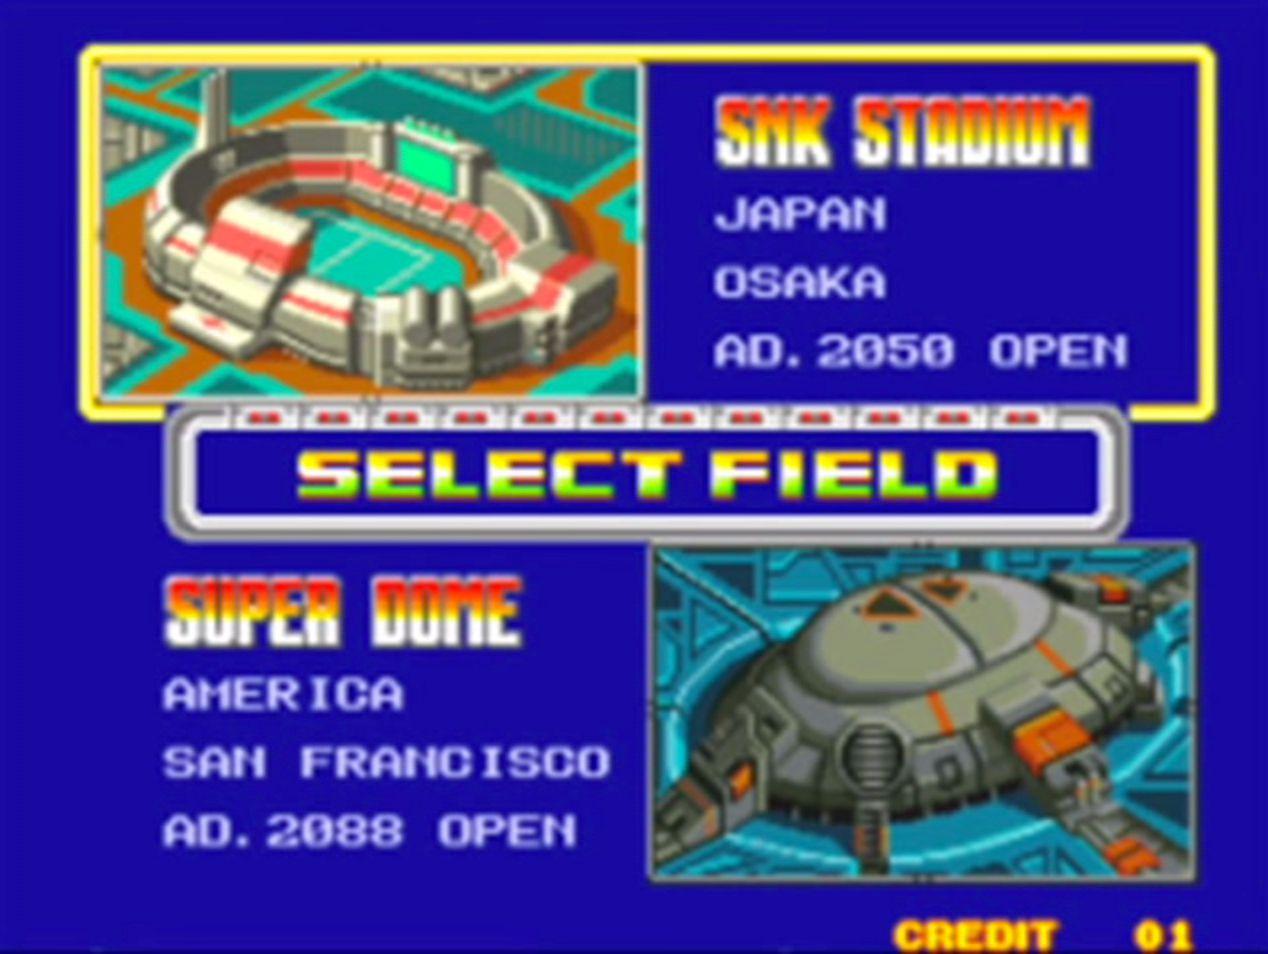 Les stades sont plutôt futuristes.